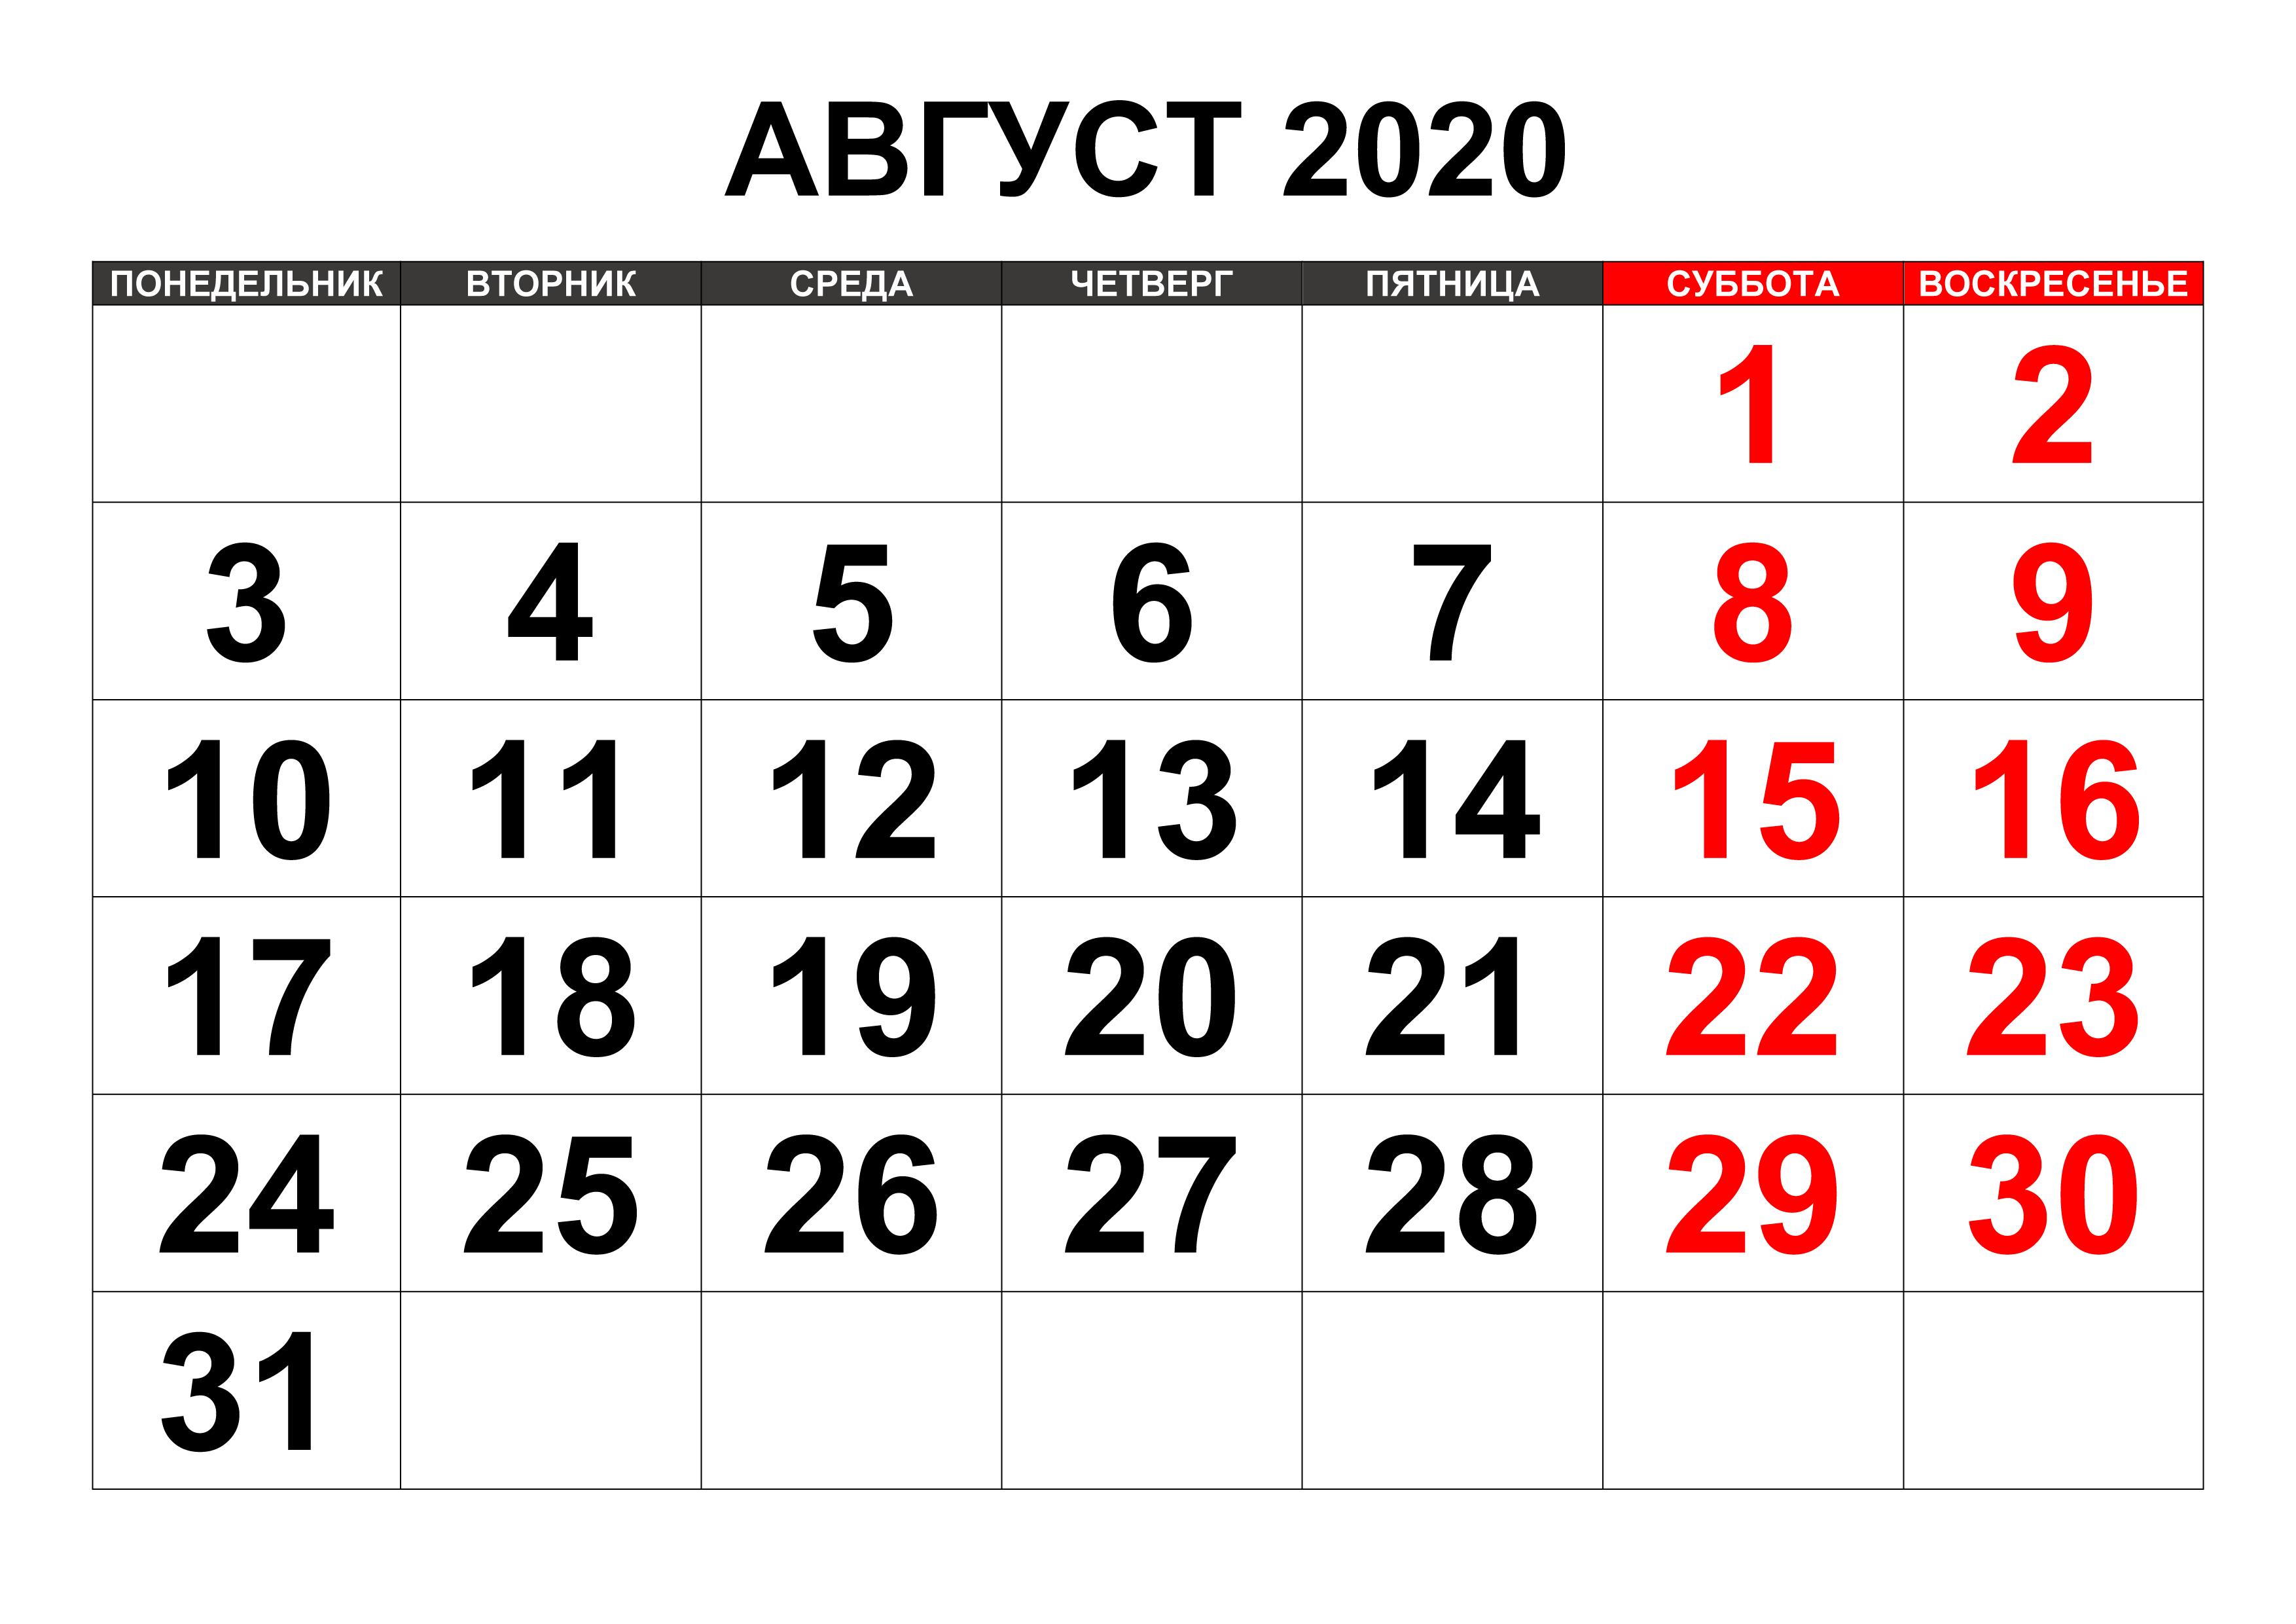 Календари На Август 2020 Года — Calendarbox.ru regarding Бланк Календаря На Год